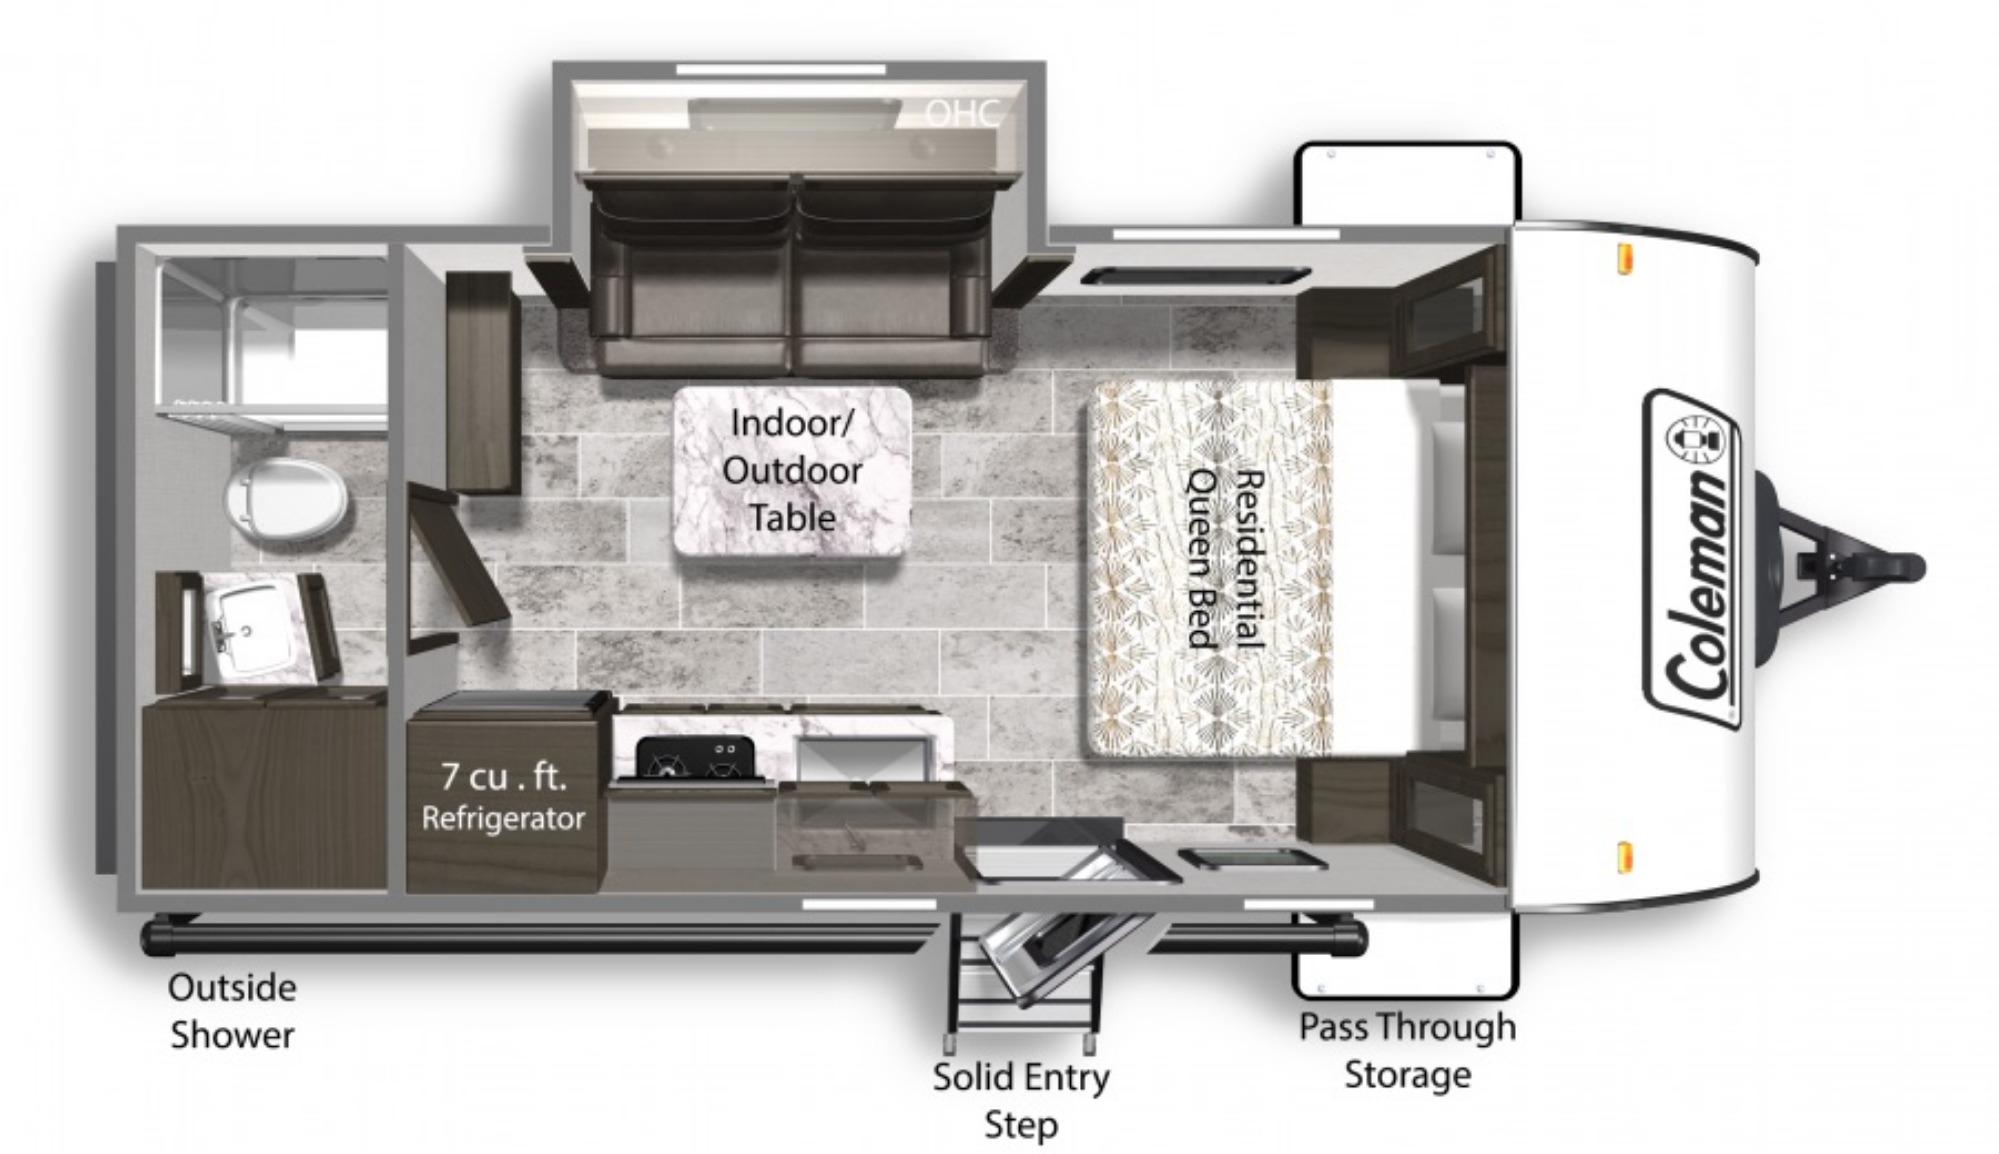 View Floor Plan for 2022 COLEMAN COLEMAN LIGHT 1805RB